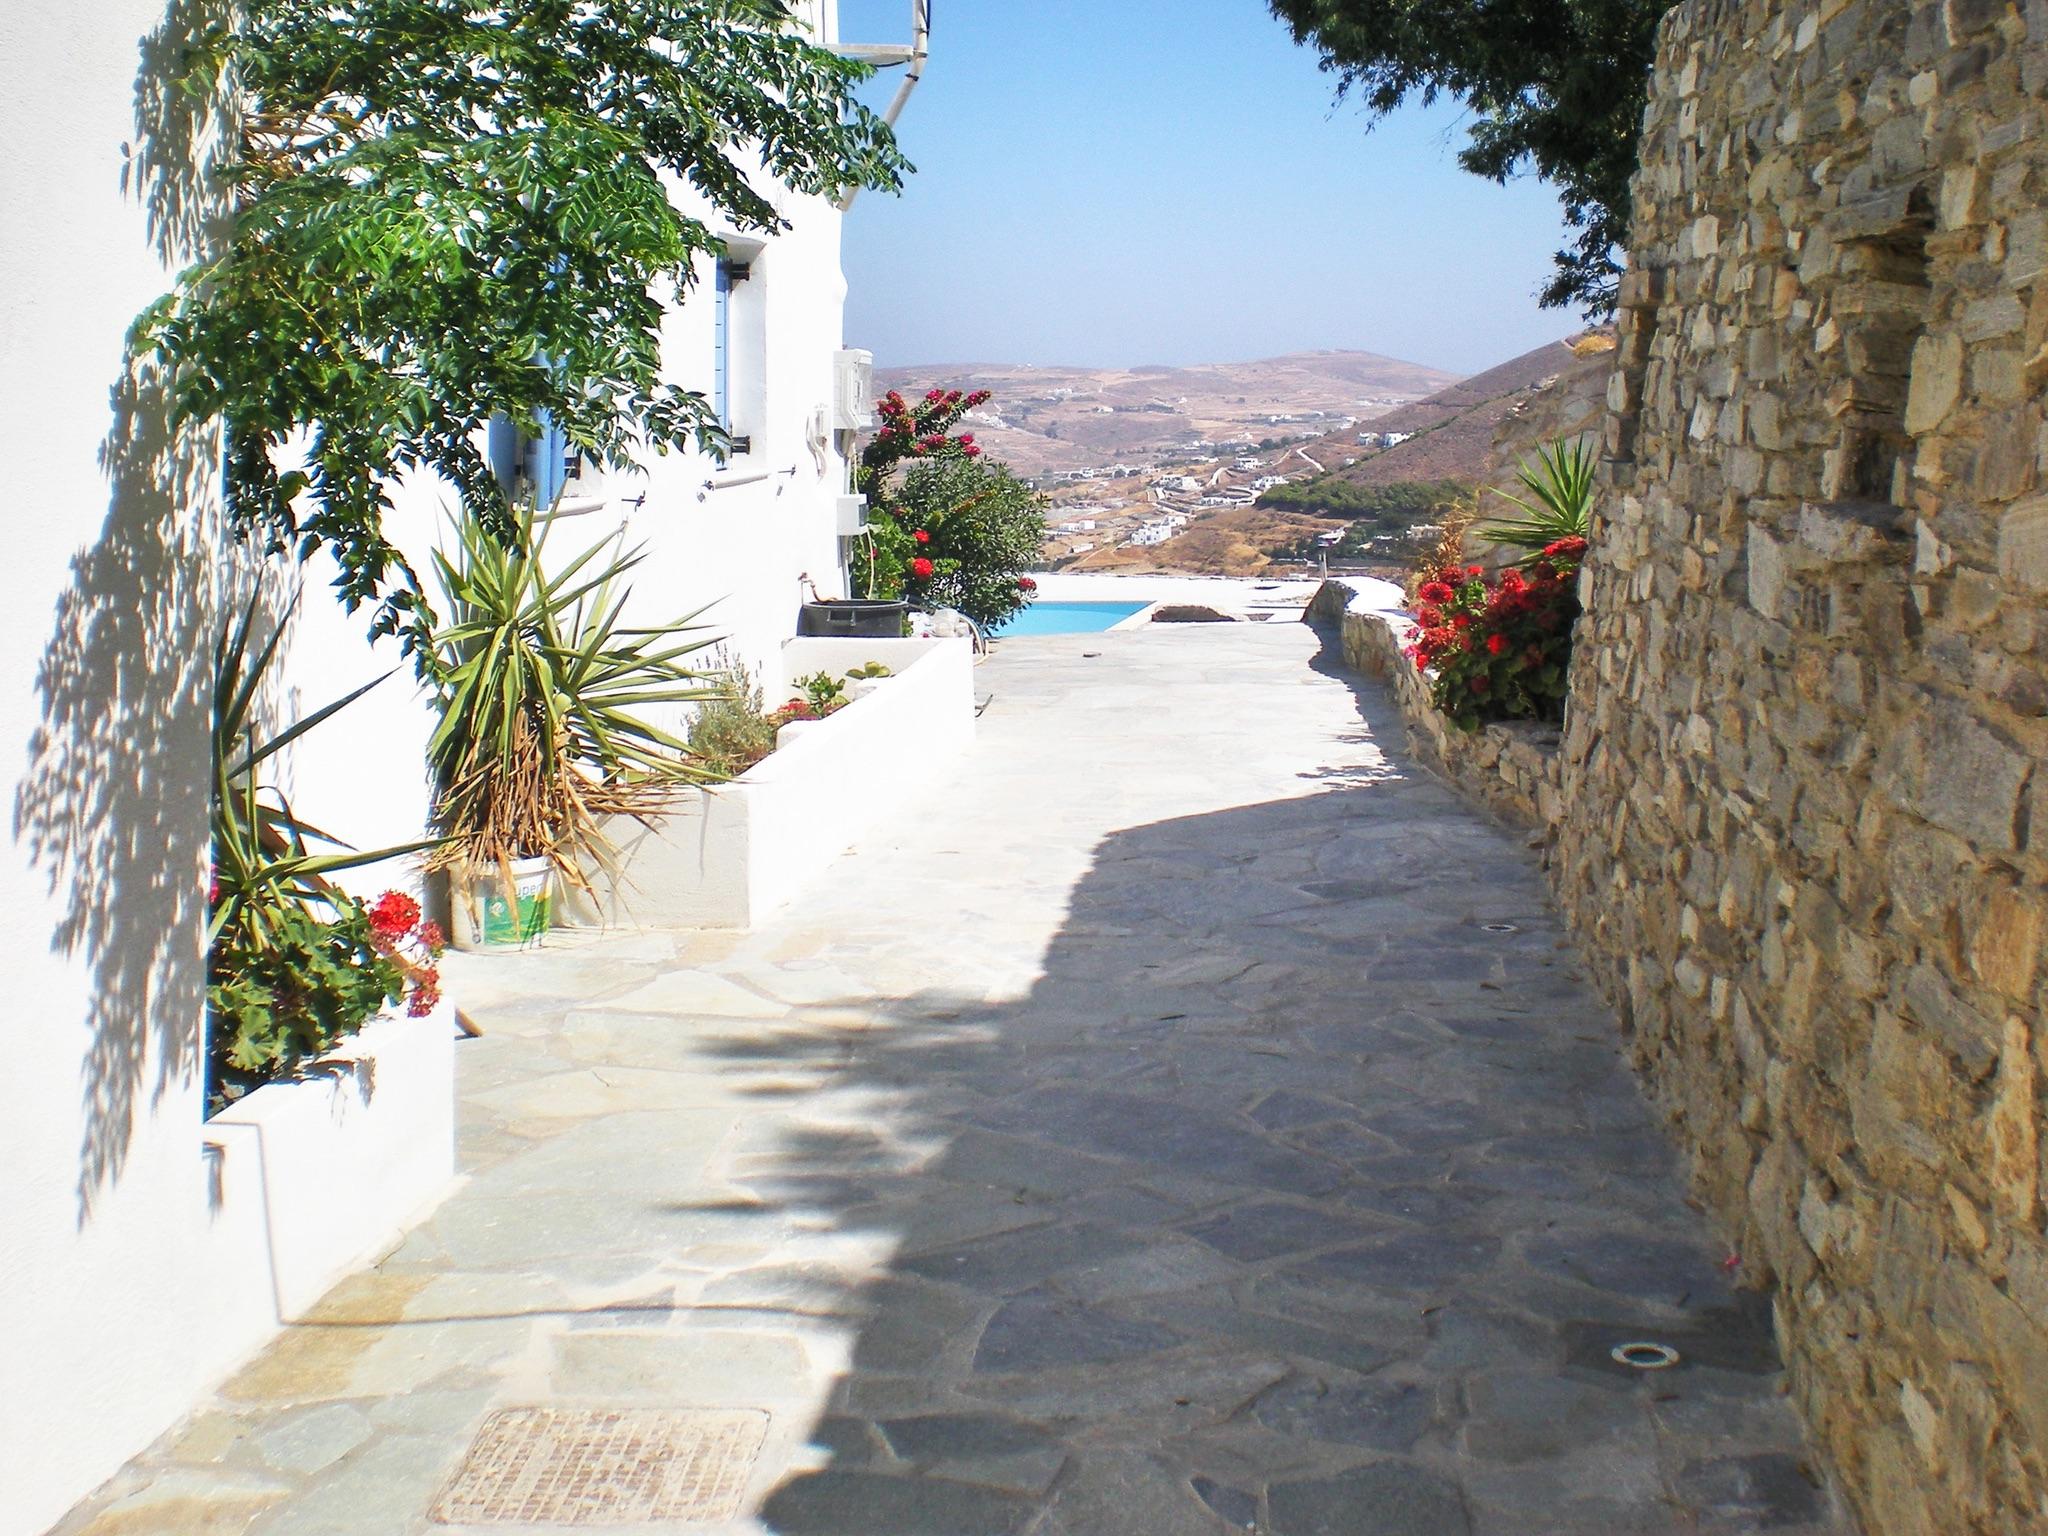 Ferienhaus Villa im Kykladen-Stil auf Paros (Griechenland), mit 2 Schlafzimmern, Gemeinschaftspool &  (2201782), Paros, Paros, Kykladen, Griechenland, Bild 5